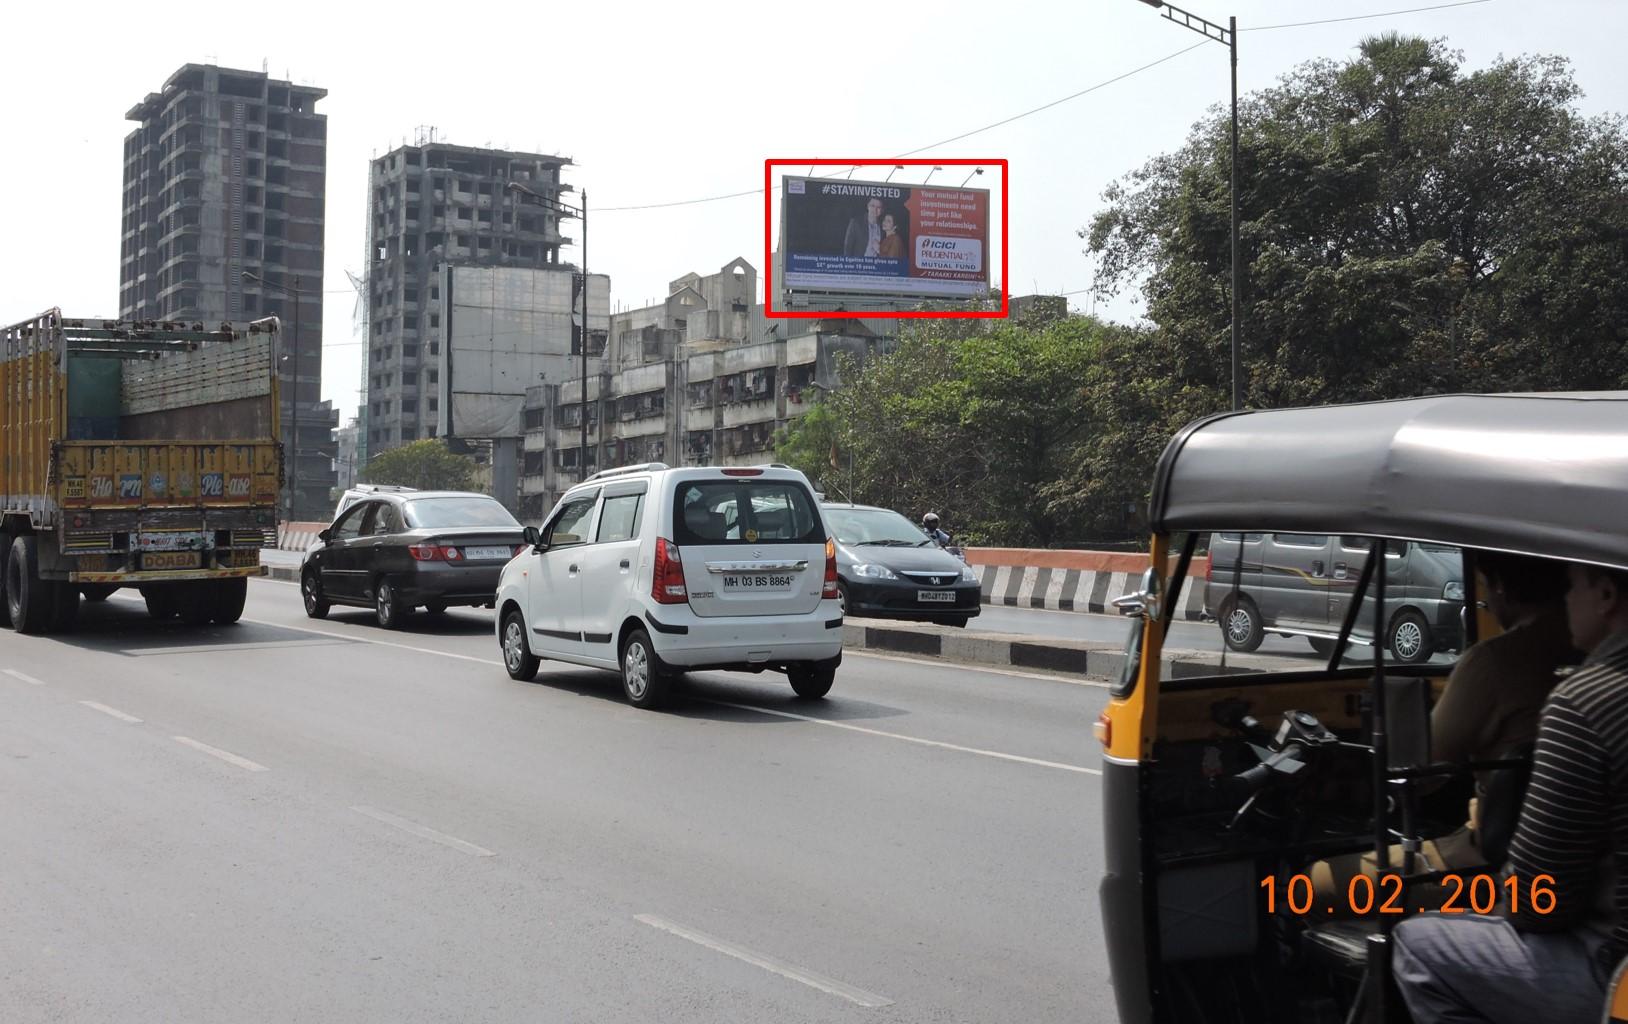 WEH, Goregaon Arey Flyover MT, Mumbai